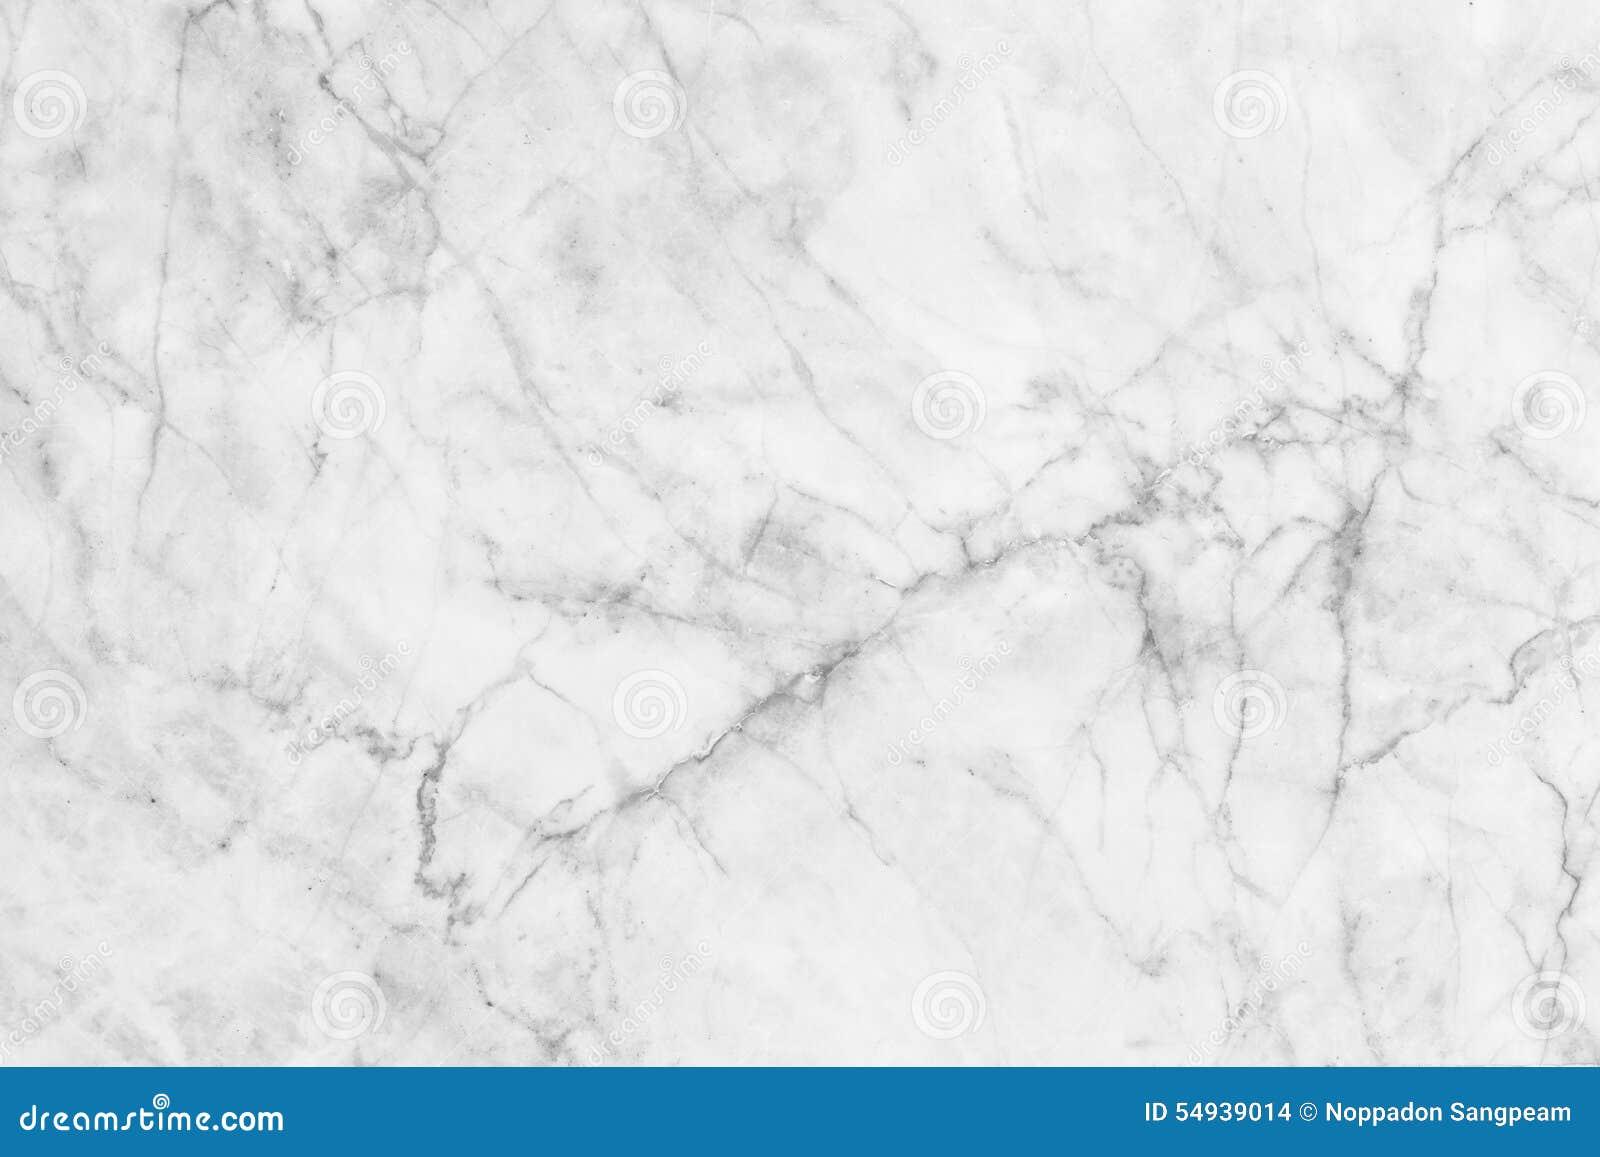 Fond de texture model par marbre blanc marbres de la tha lande noir et blanc de marbre naturel - Marbre noir et blanc ...